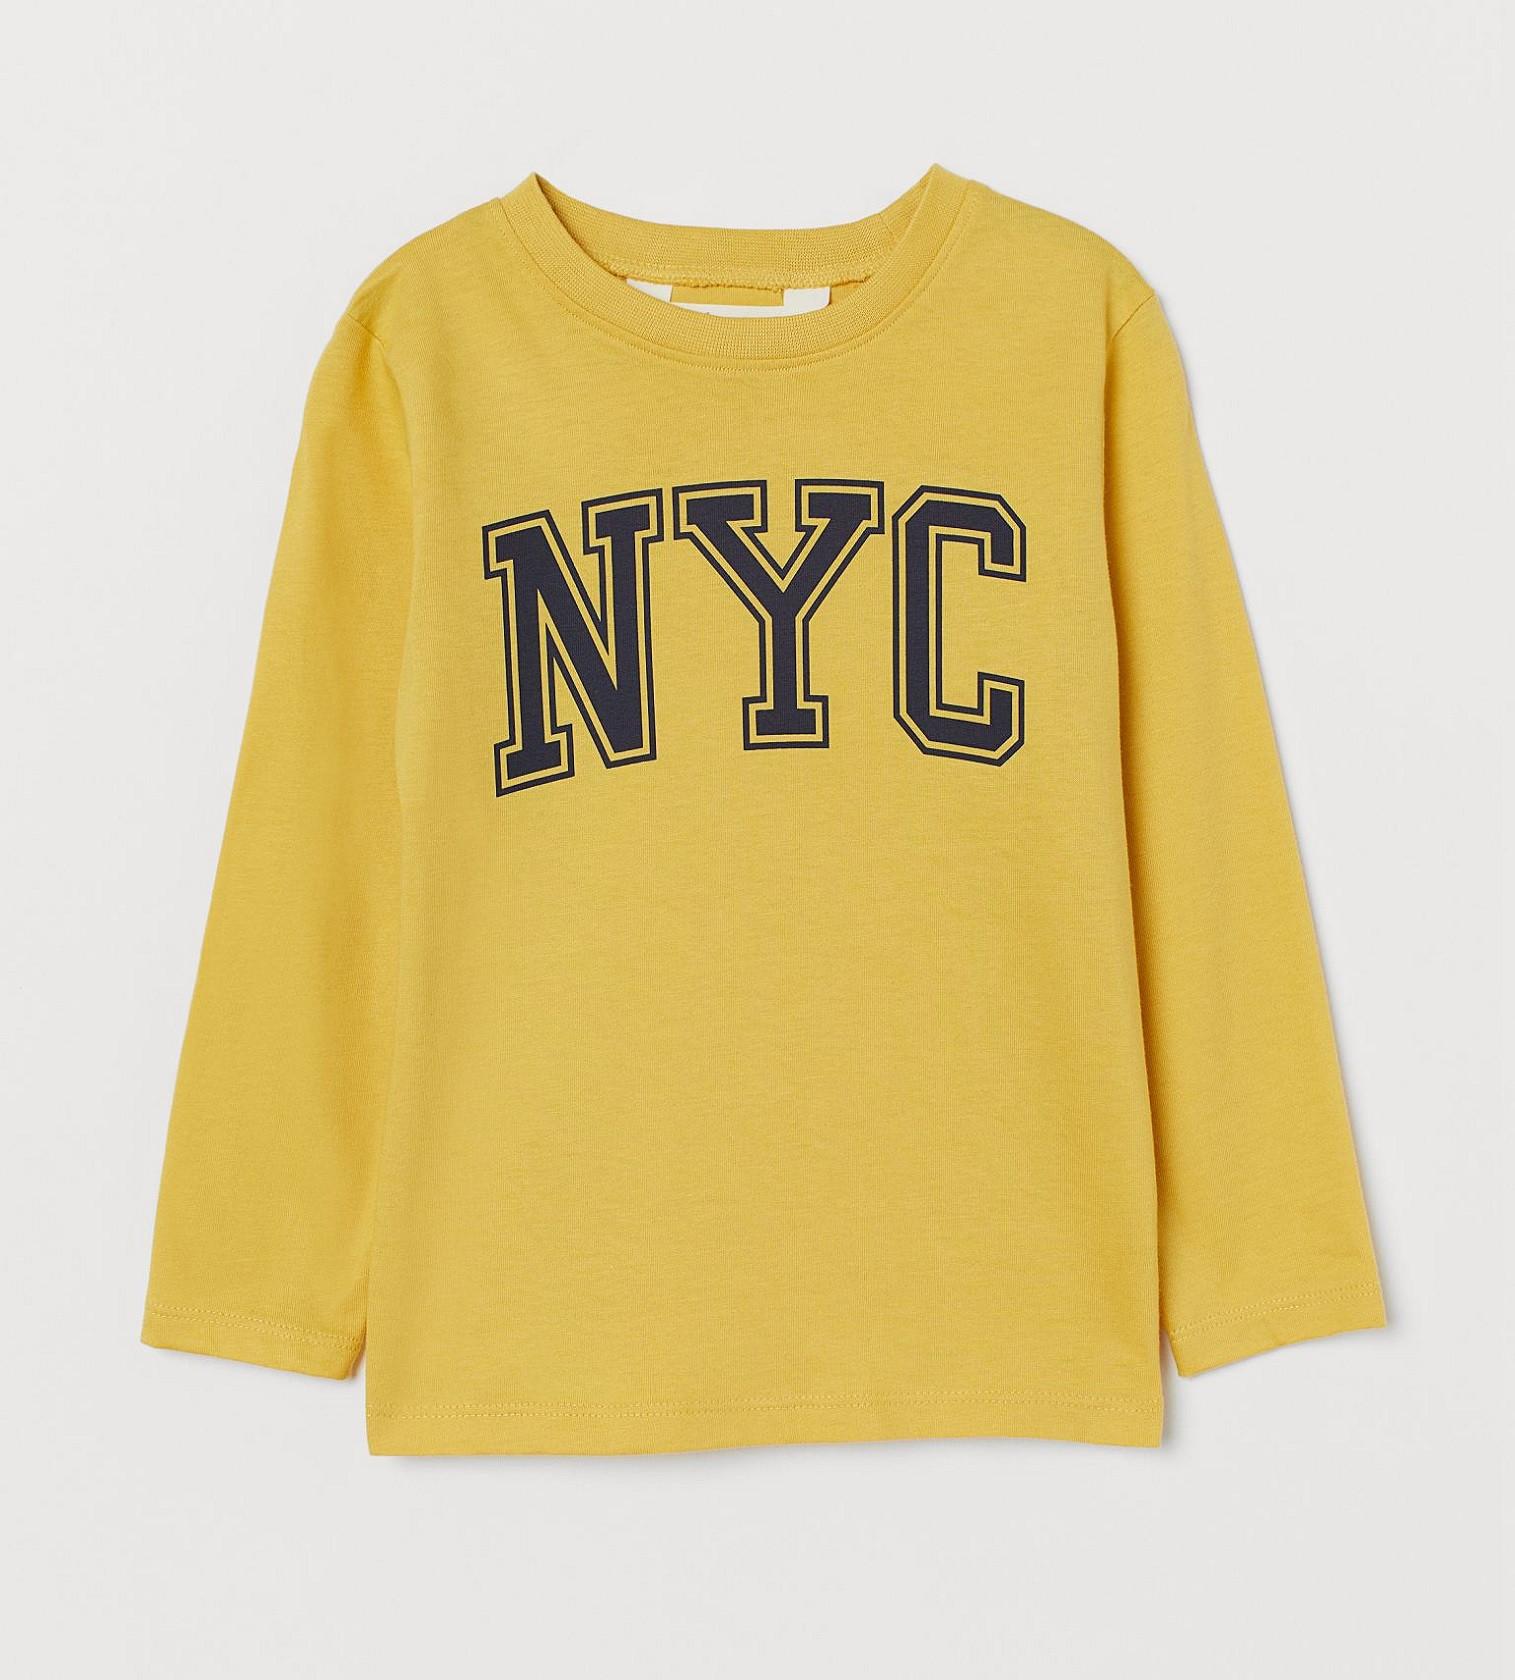 Купити Реглан H&M Жовтий NYC - фото 1